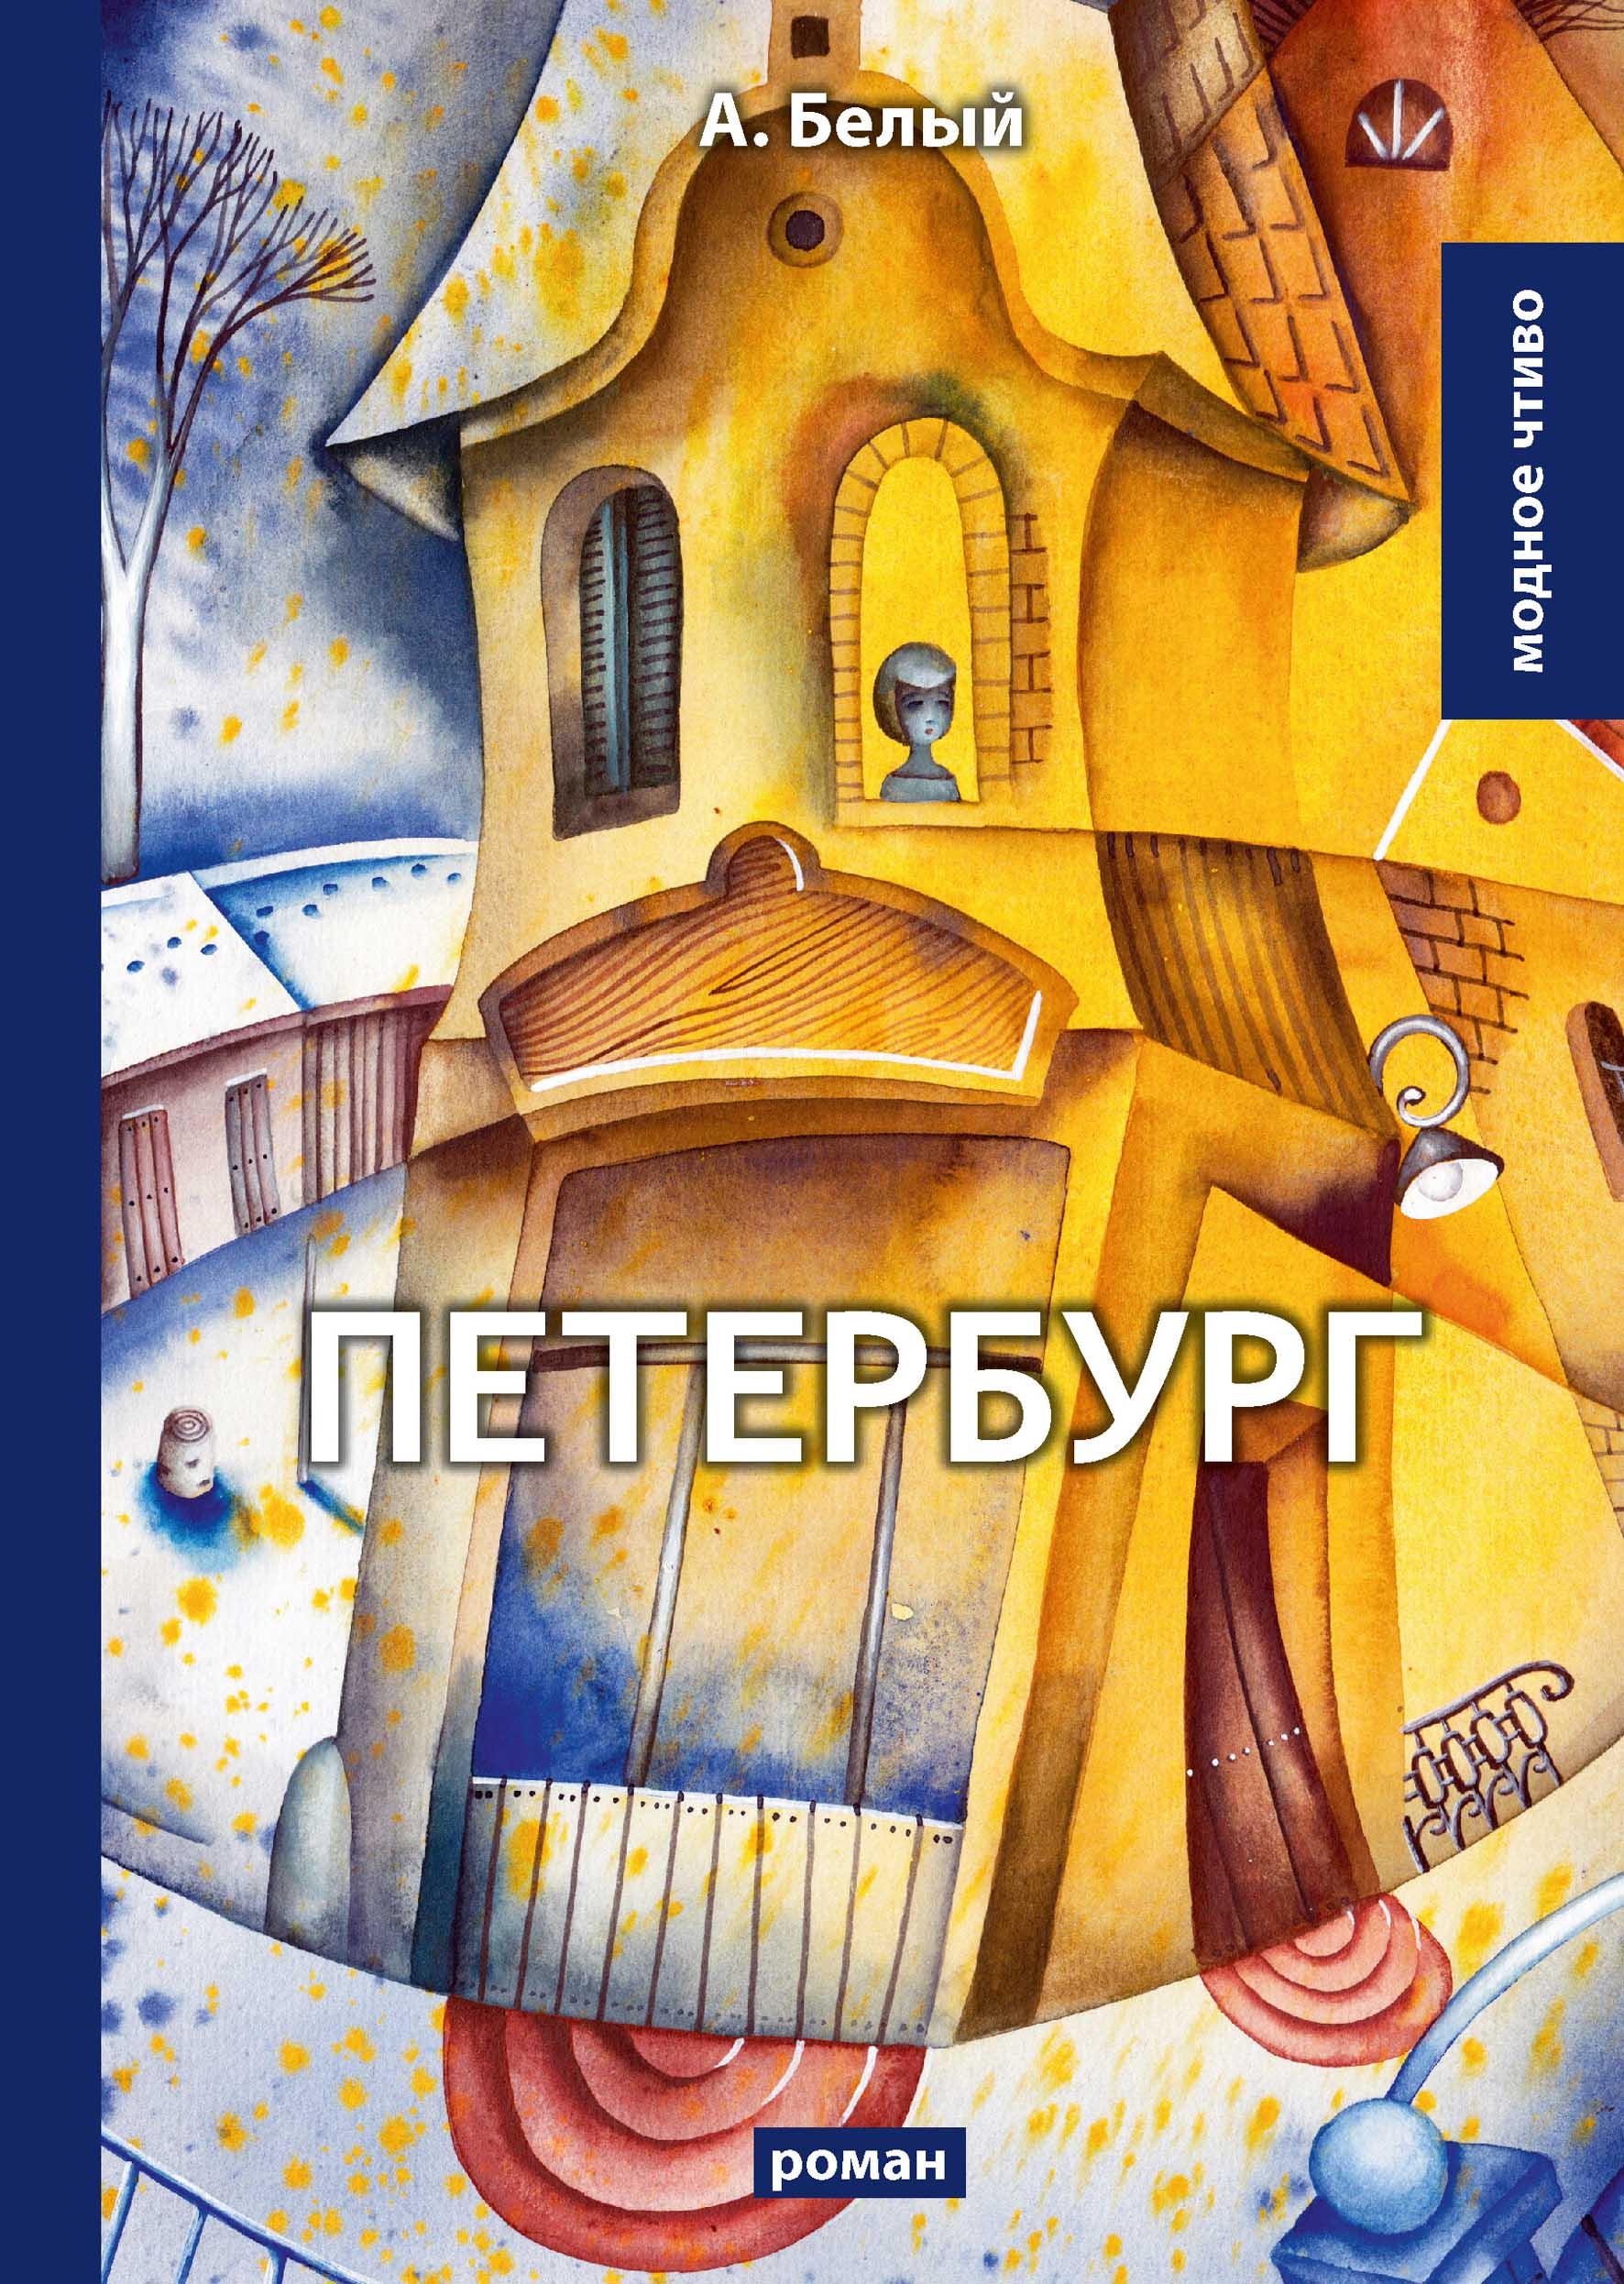 Петербург, Белый А.